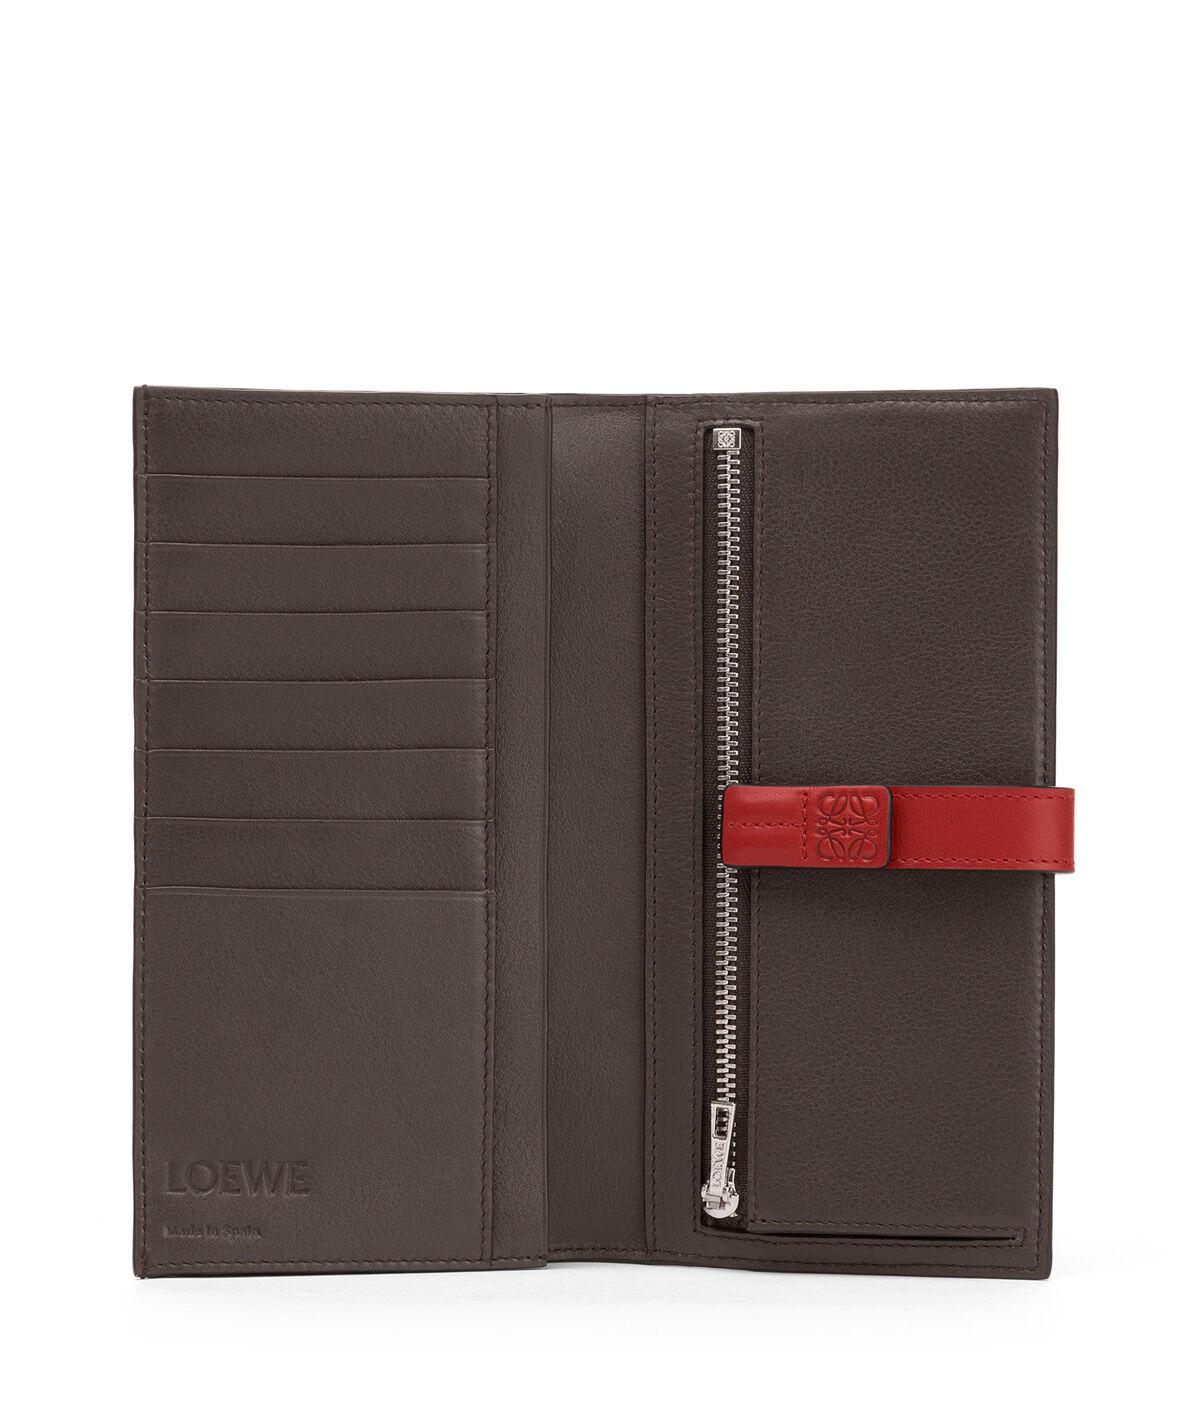 LOEWE Large Vertical Wallet Scarlet Red/Brick Red all